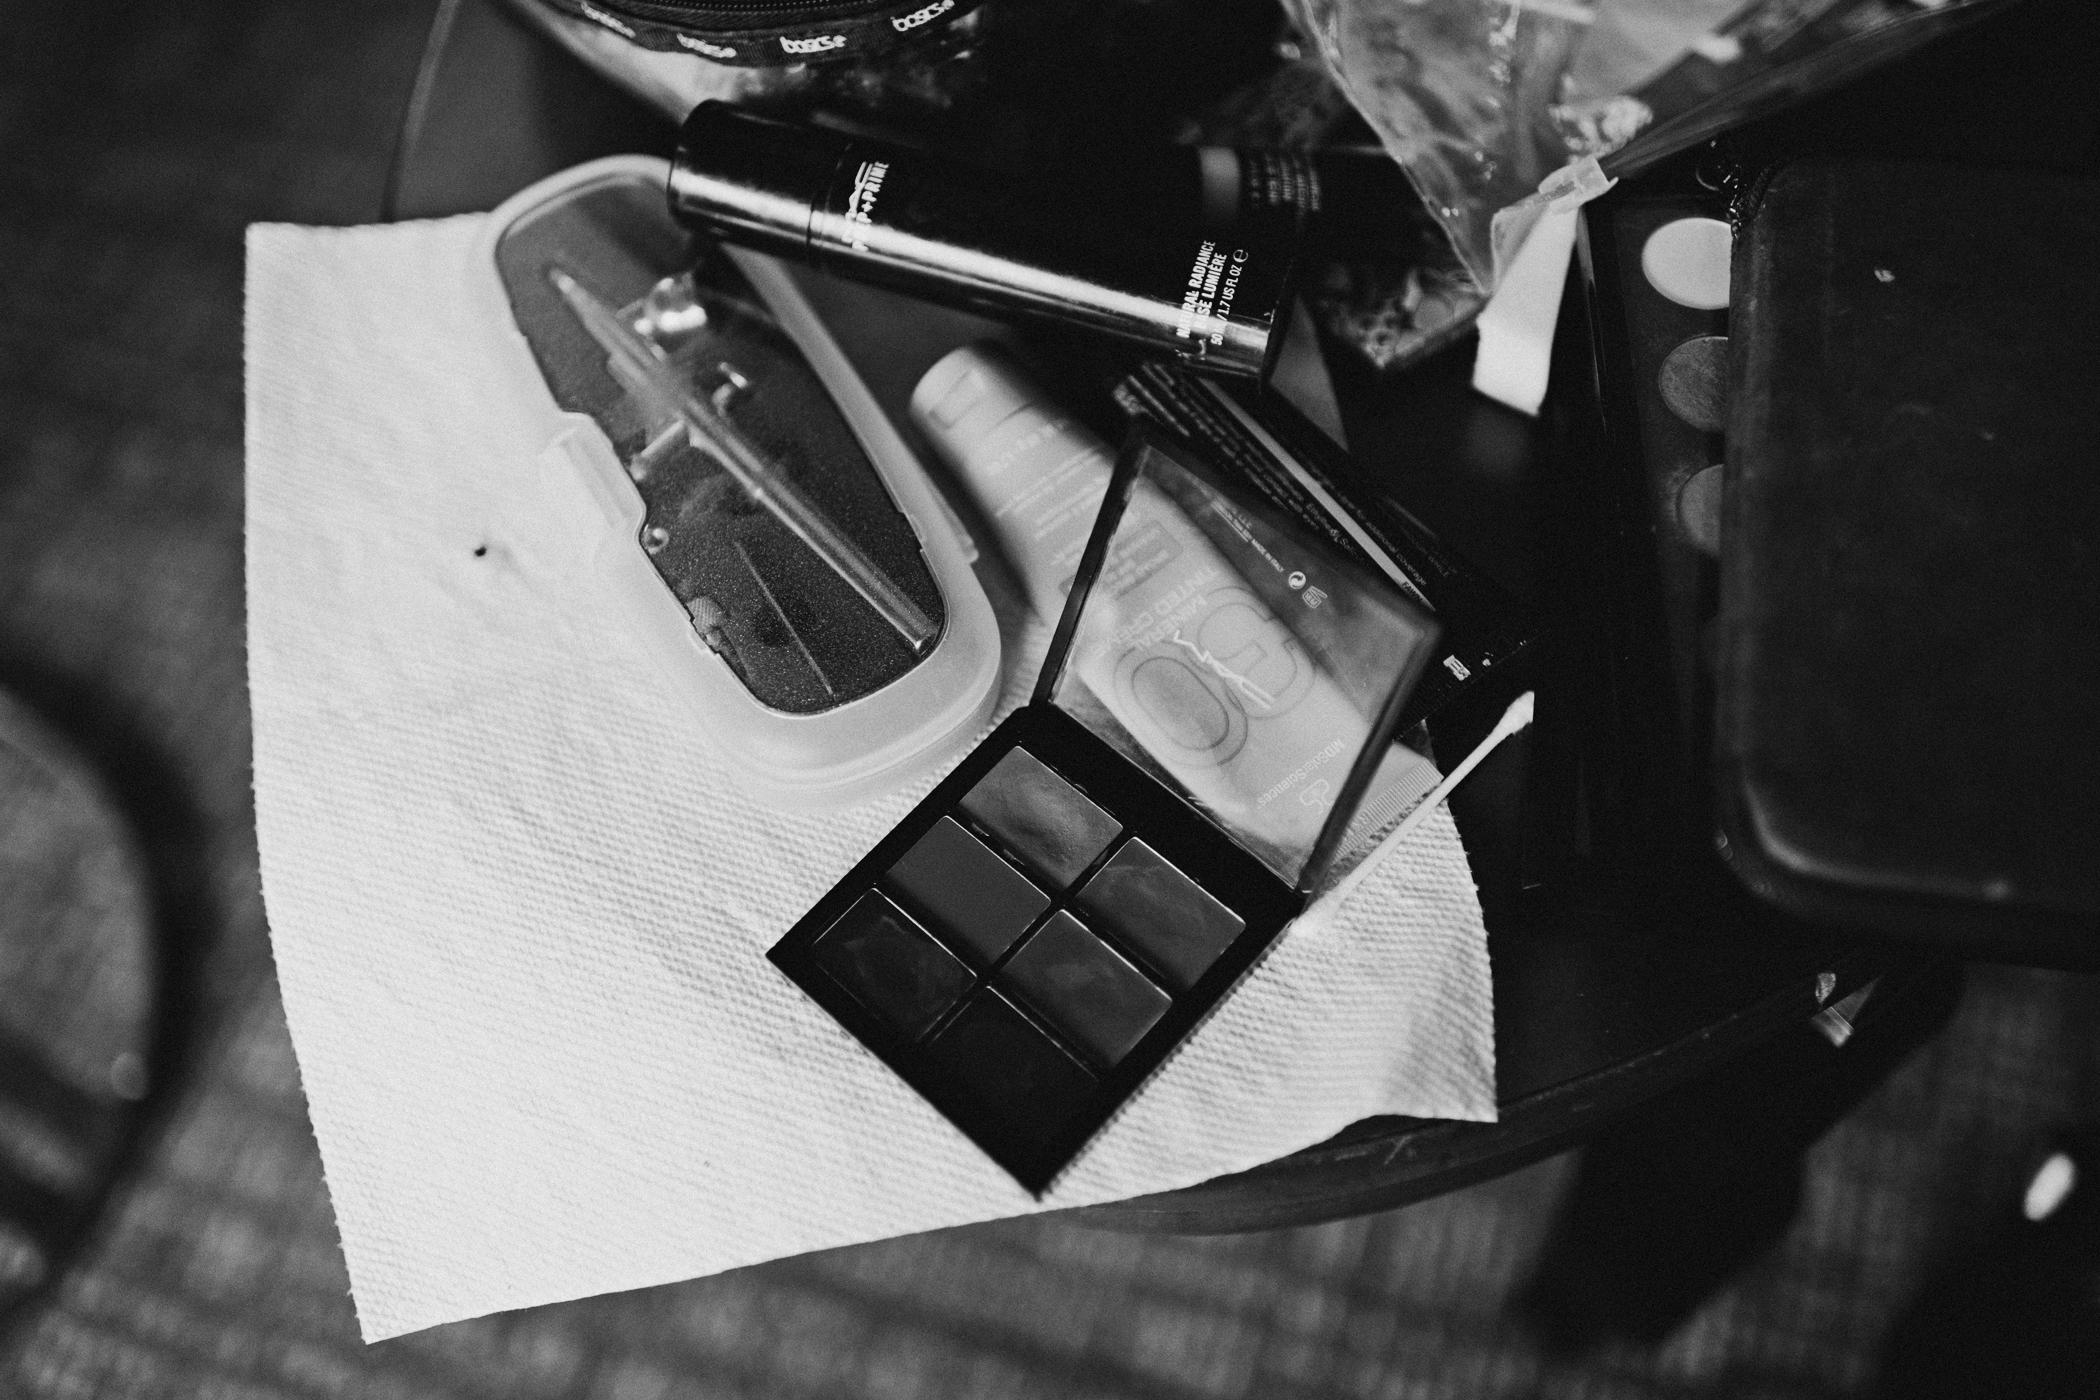 Wedding makeup on a table